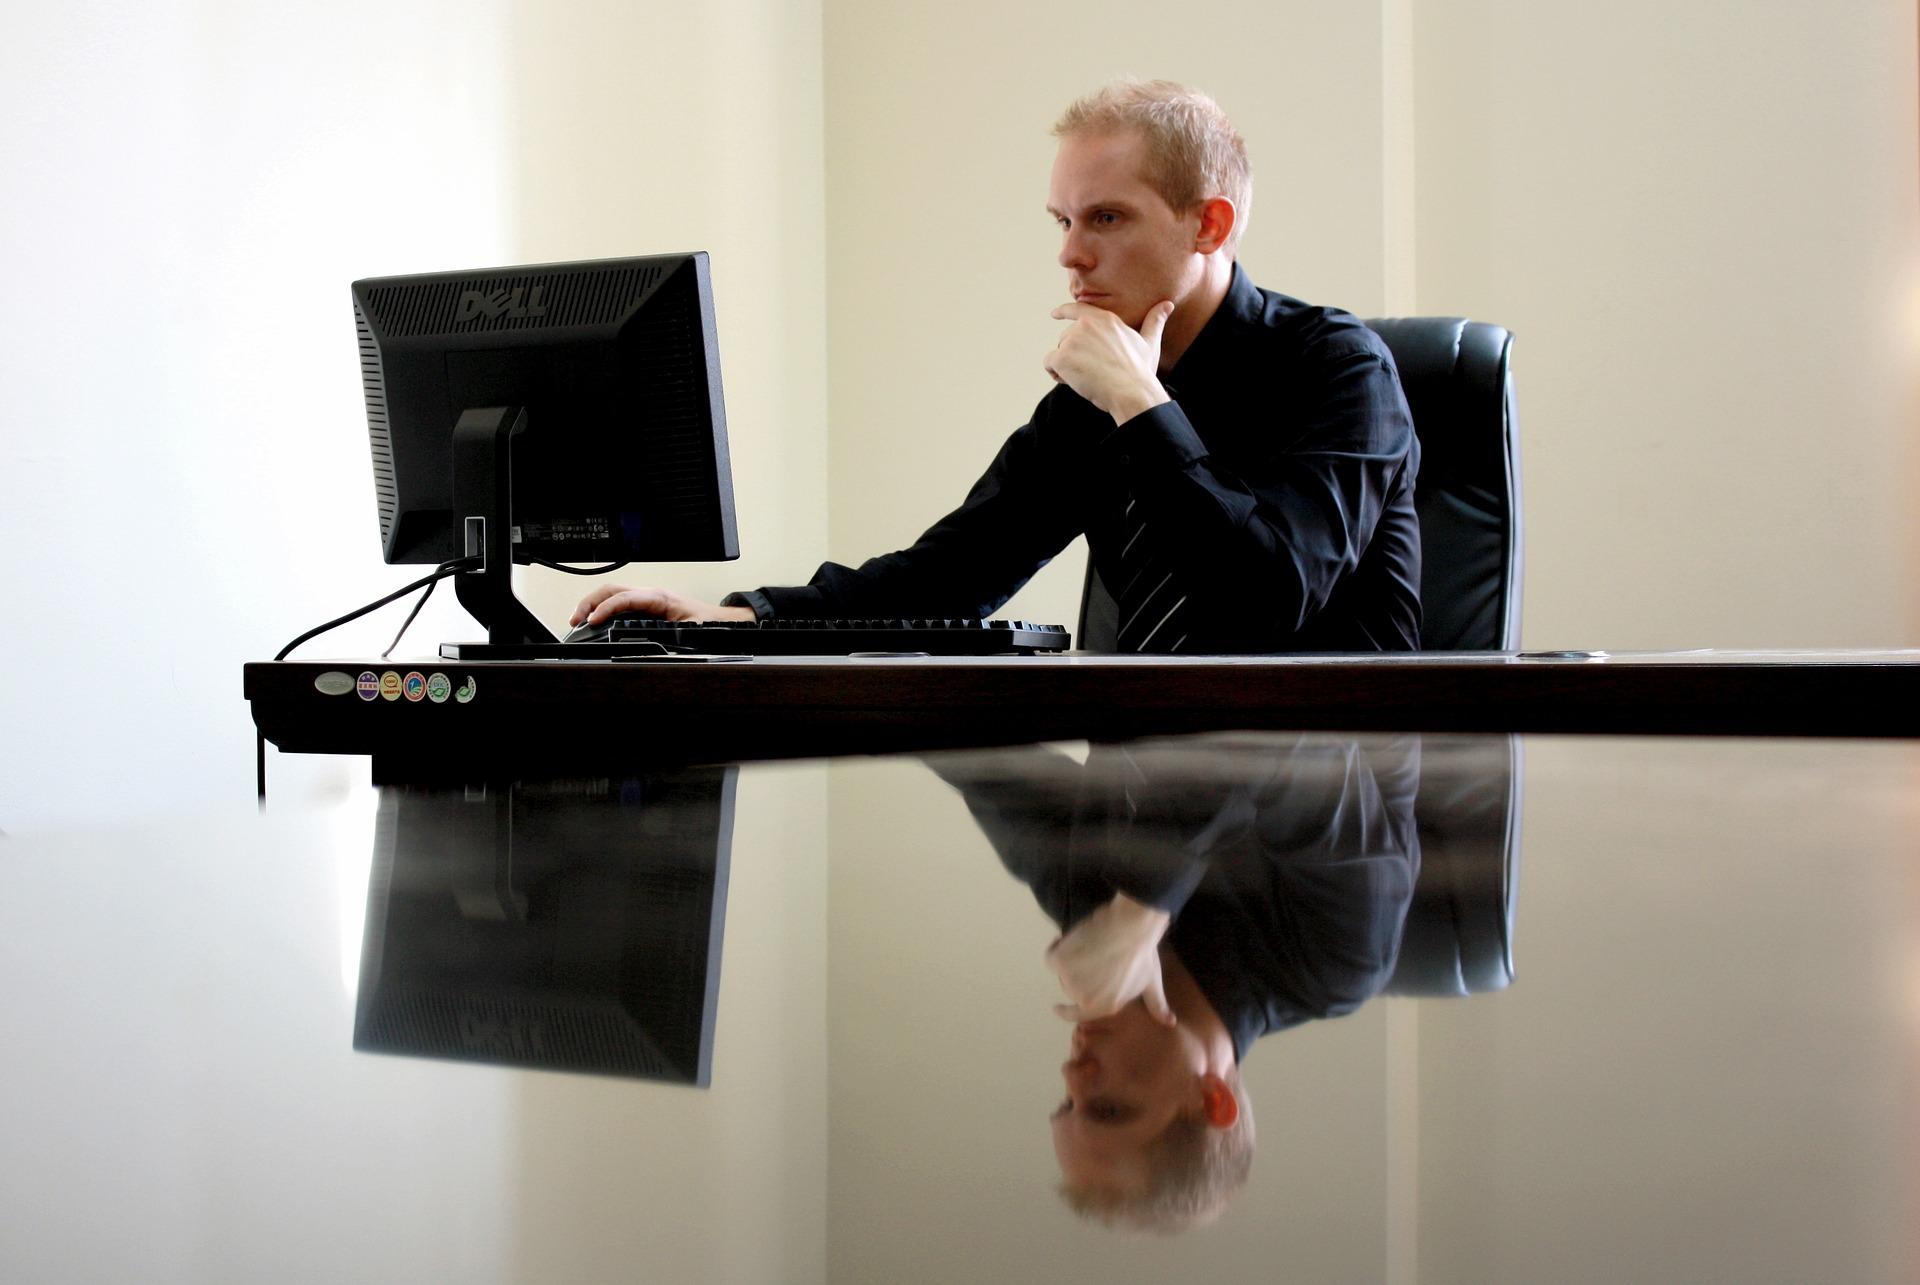 Le travail à temps partagé : un dispositif choisi plus que subi